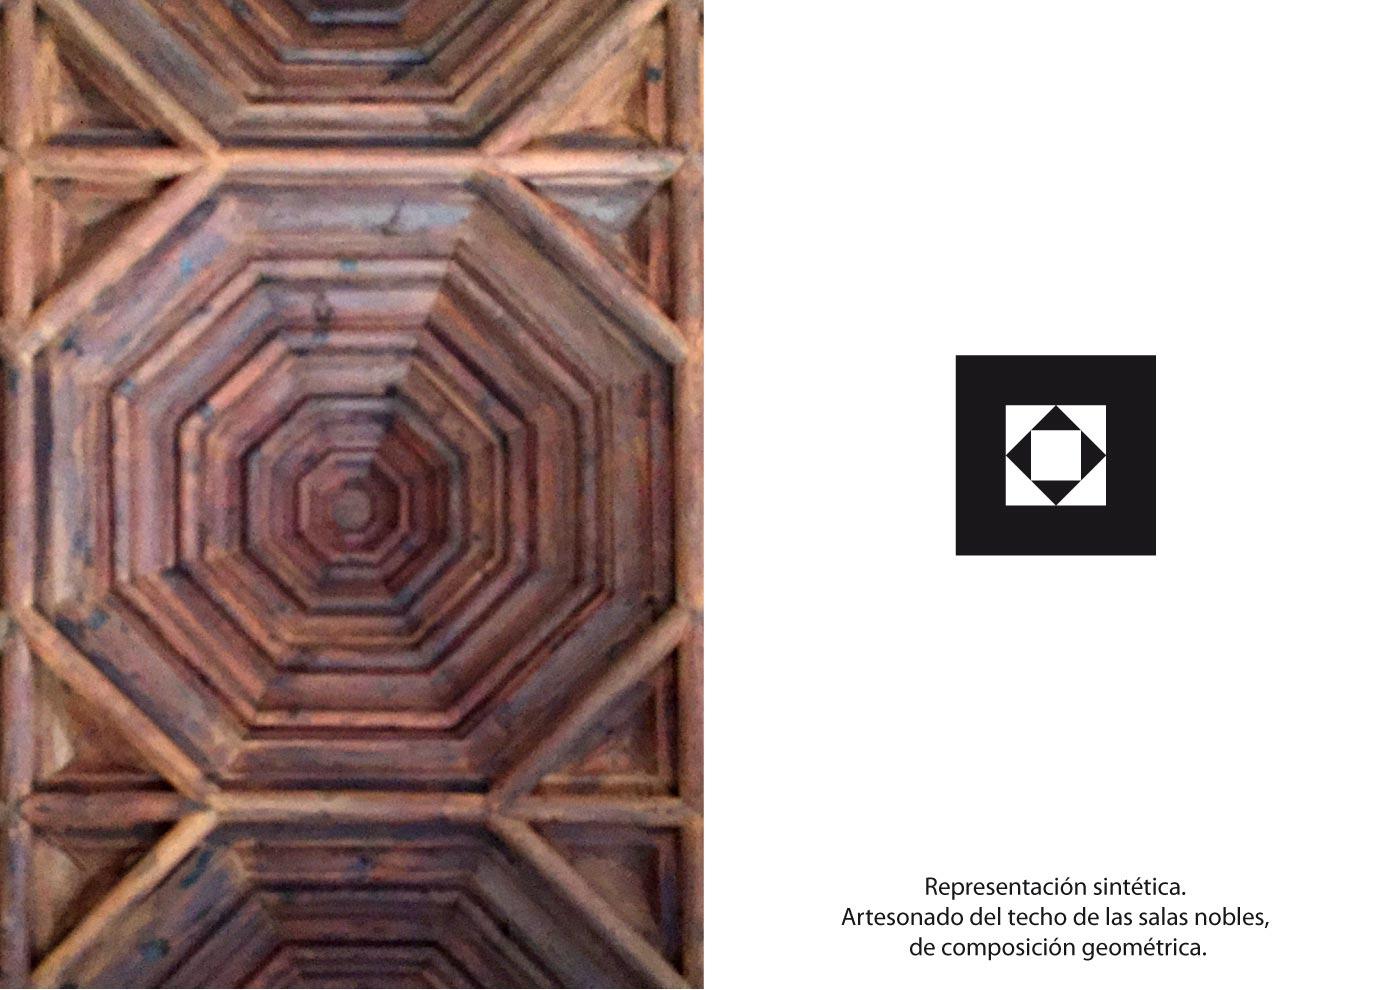 Centenario Castillo de alaquas artesonado madera